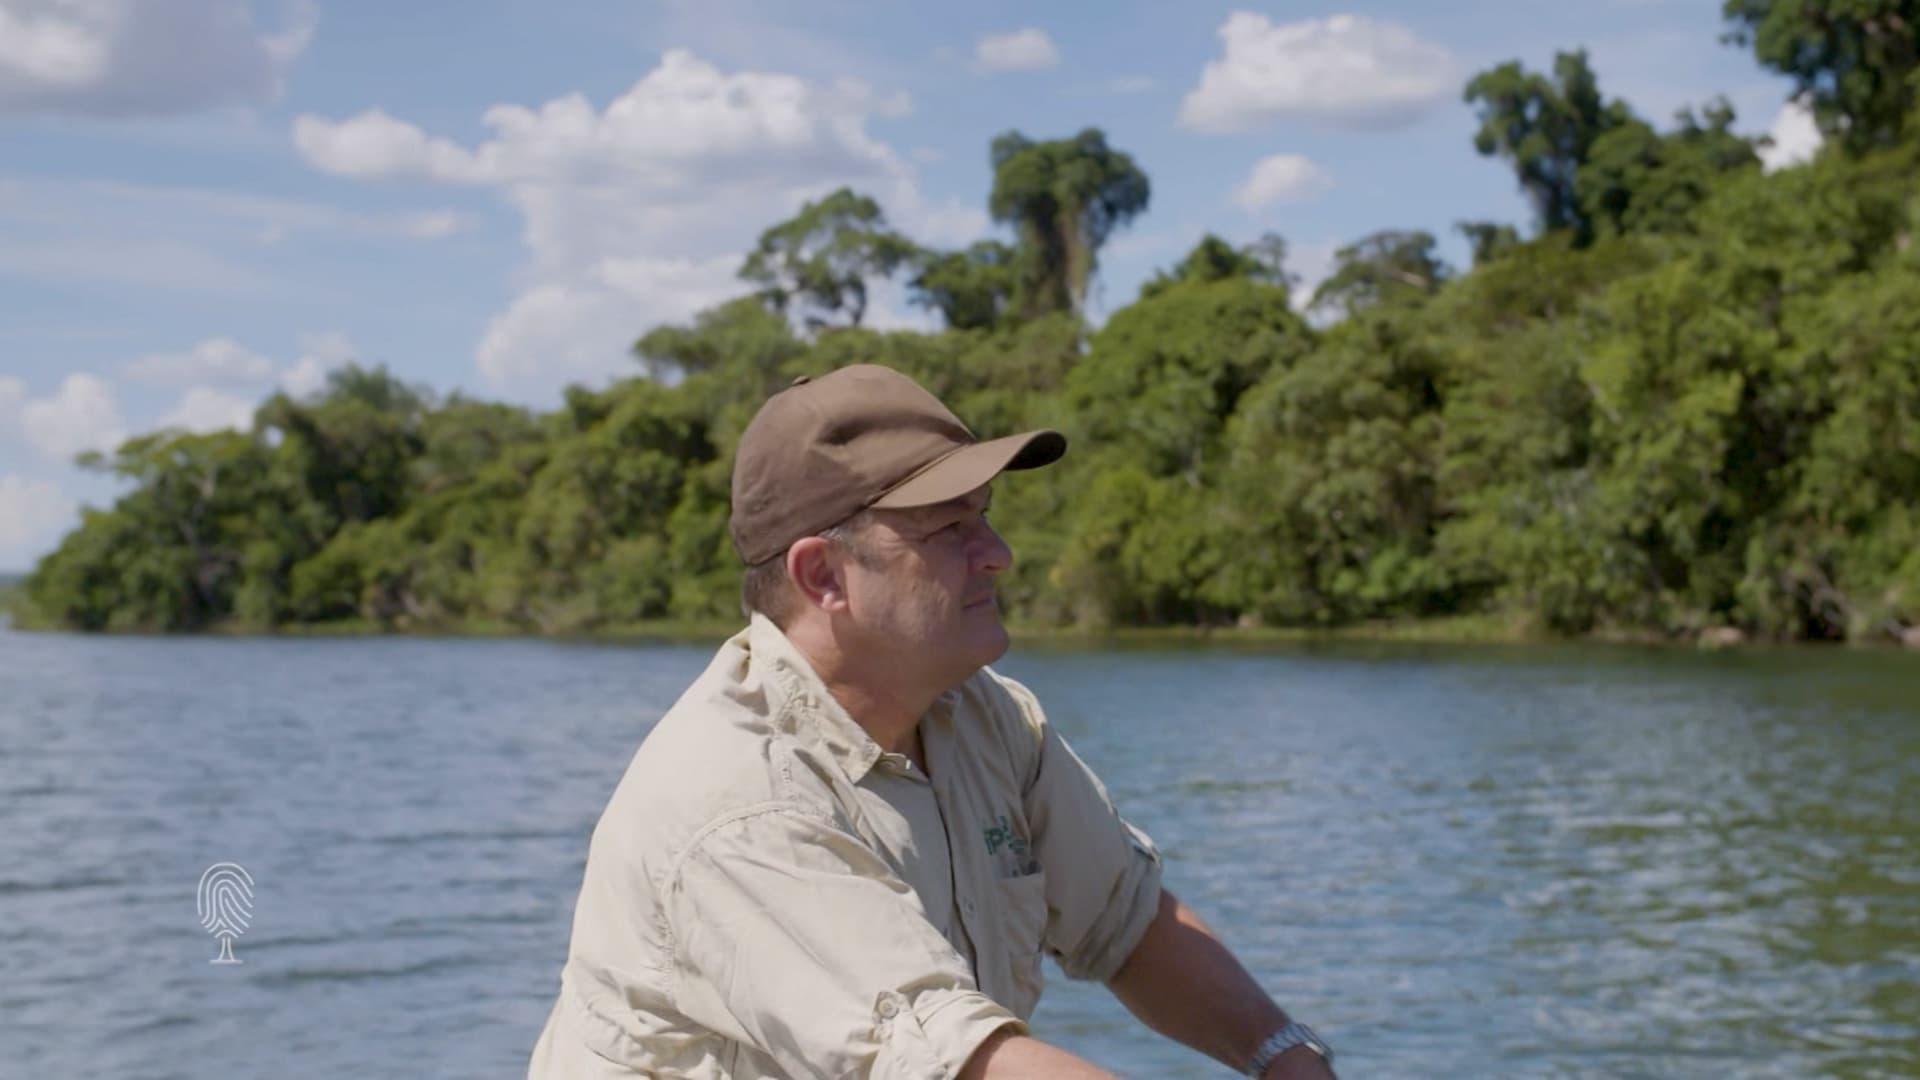 بعد أن كان يصيد الحيوانات المهددة بالانقراض.. هذا الرجل يريد إعادة الغابة الأطلسية المفقودة في البرازيل